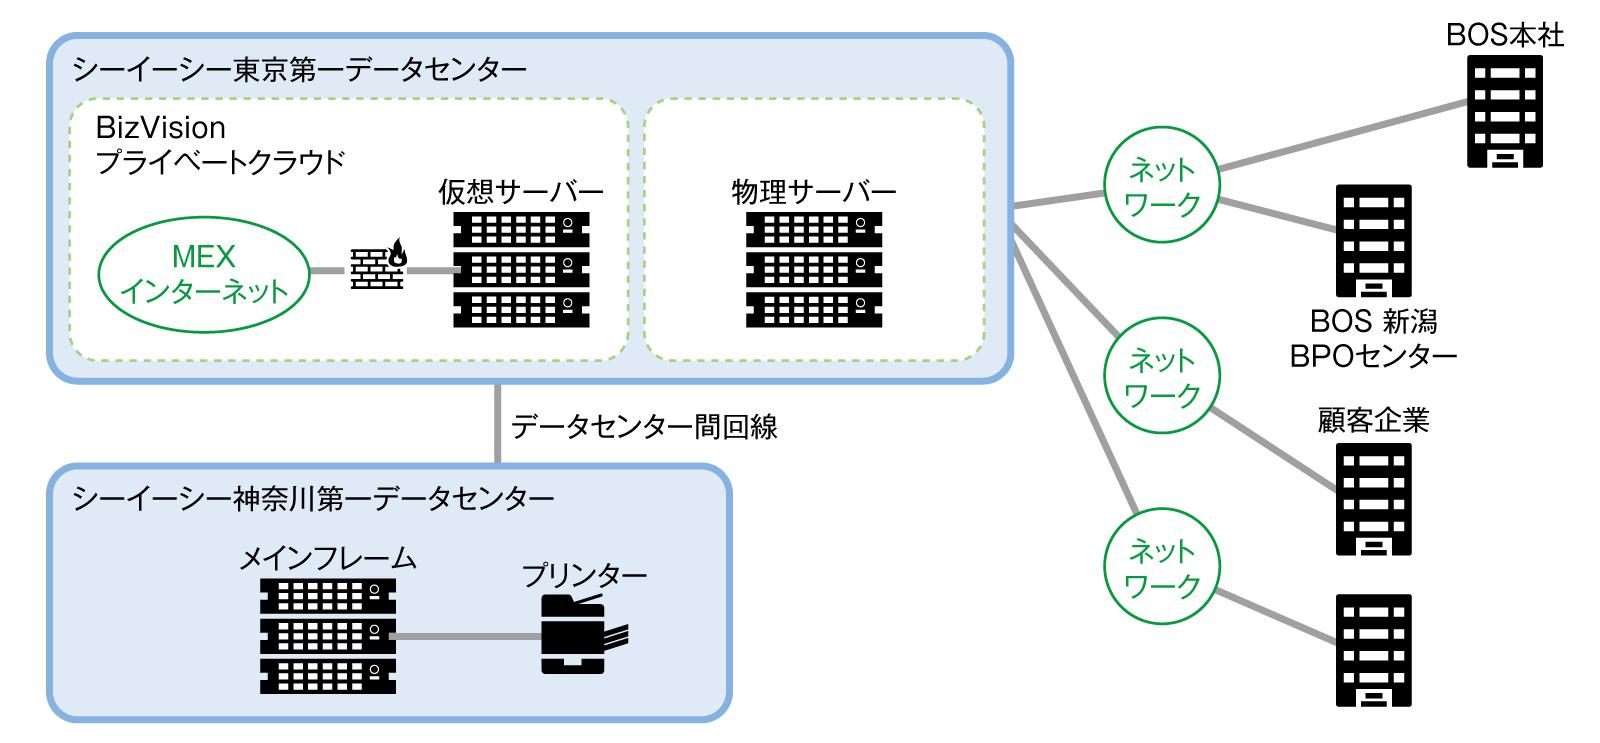 図 新データセンターへの移行後のシステム概要図